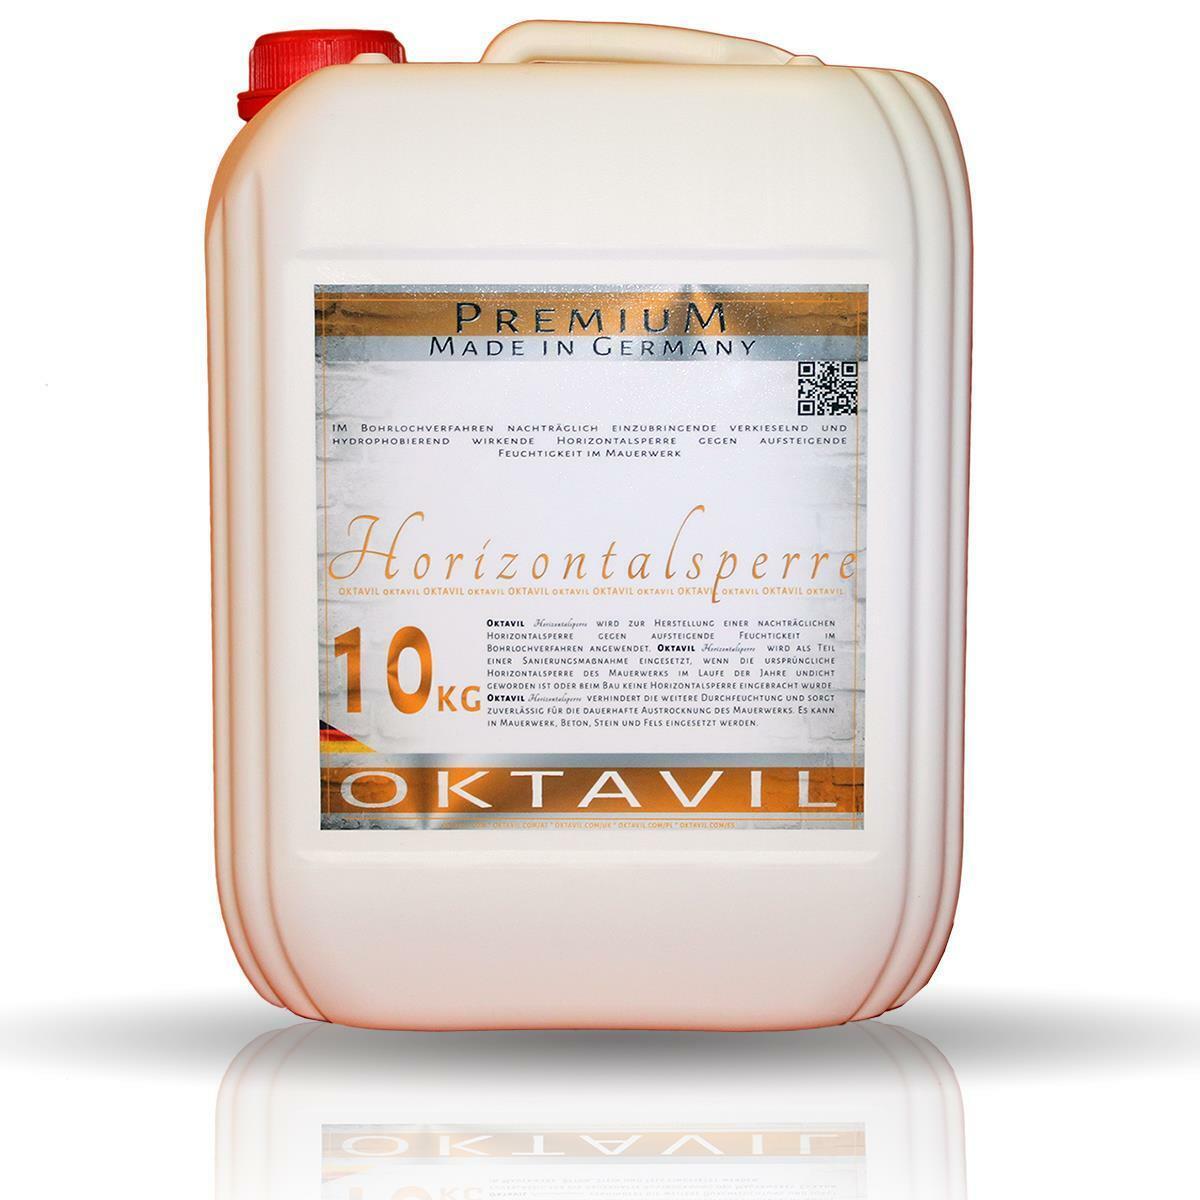 Oktavil Premium Horizontalsperre 80 Kilo Kellerdicht - Made in Germany